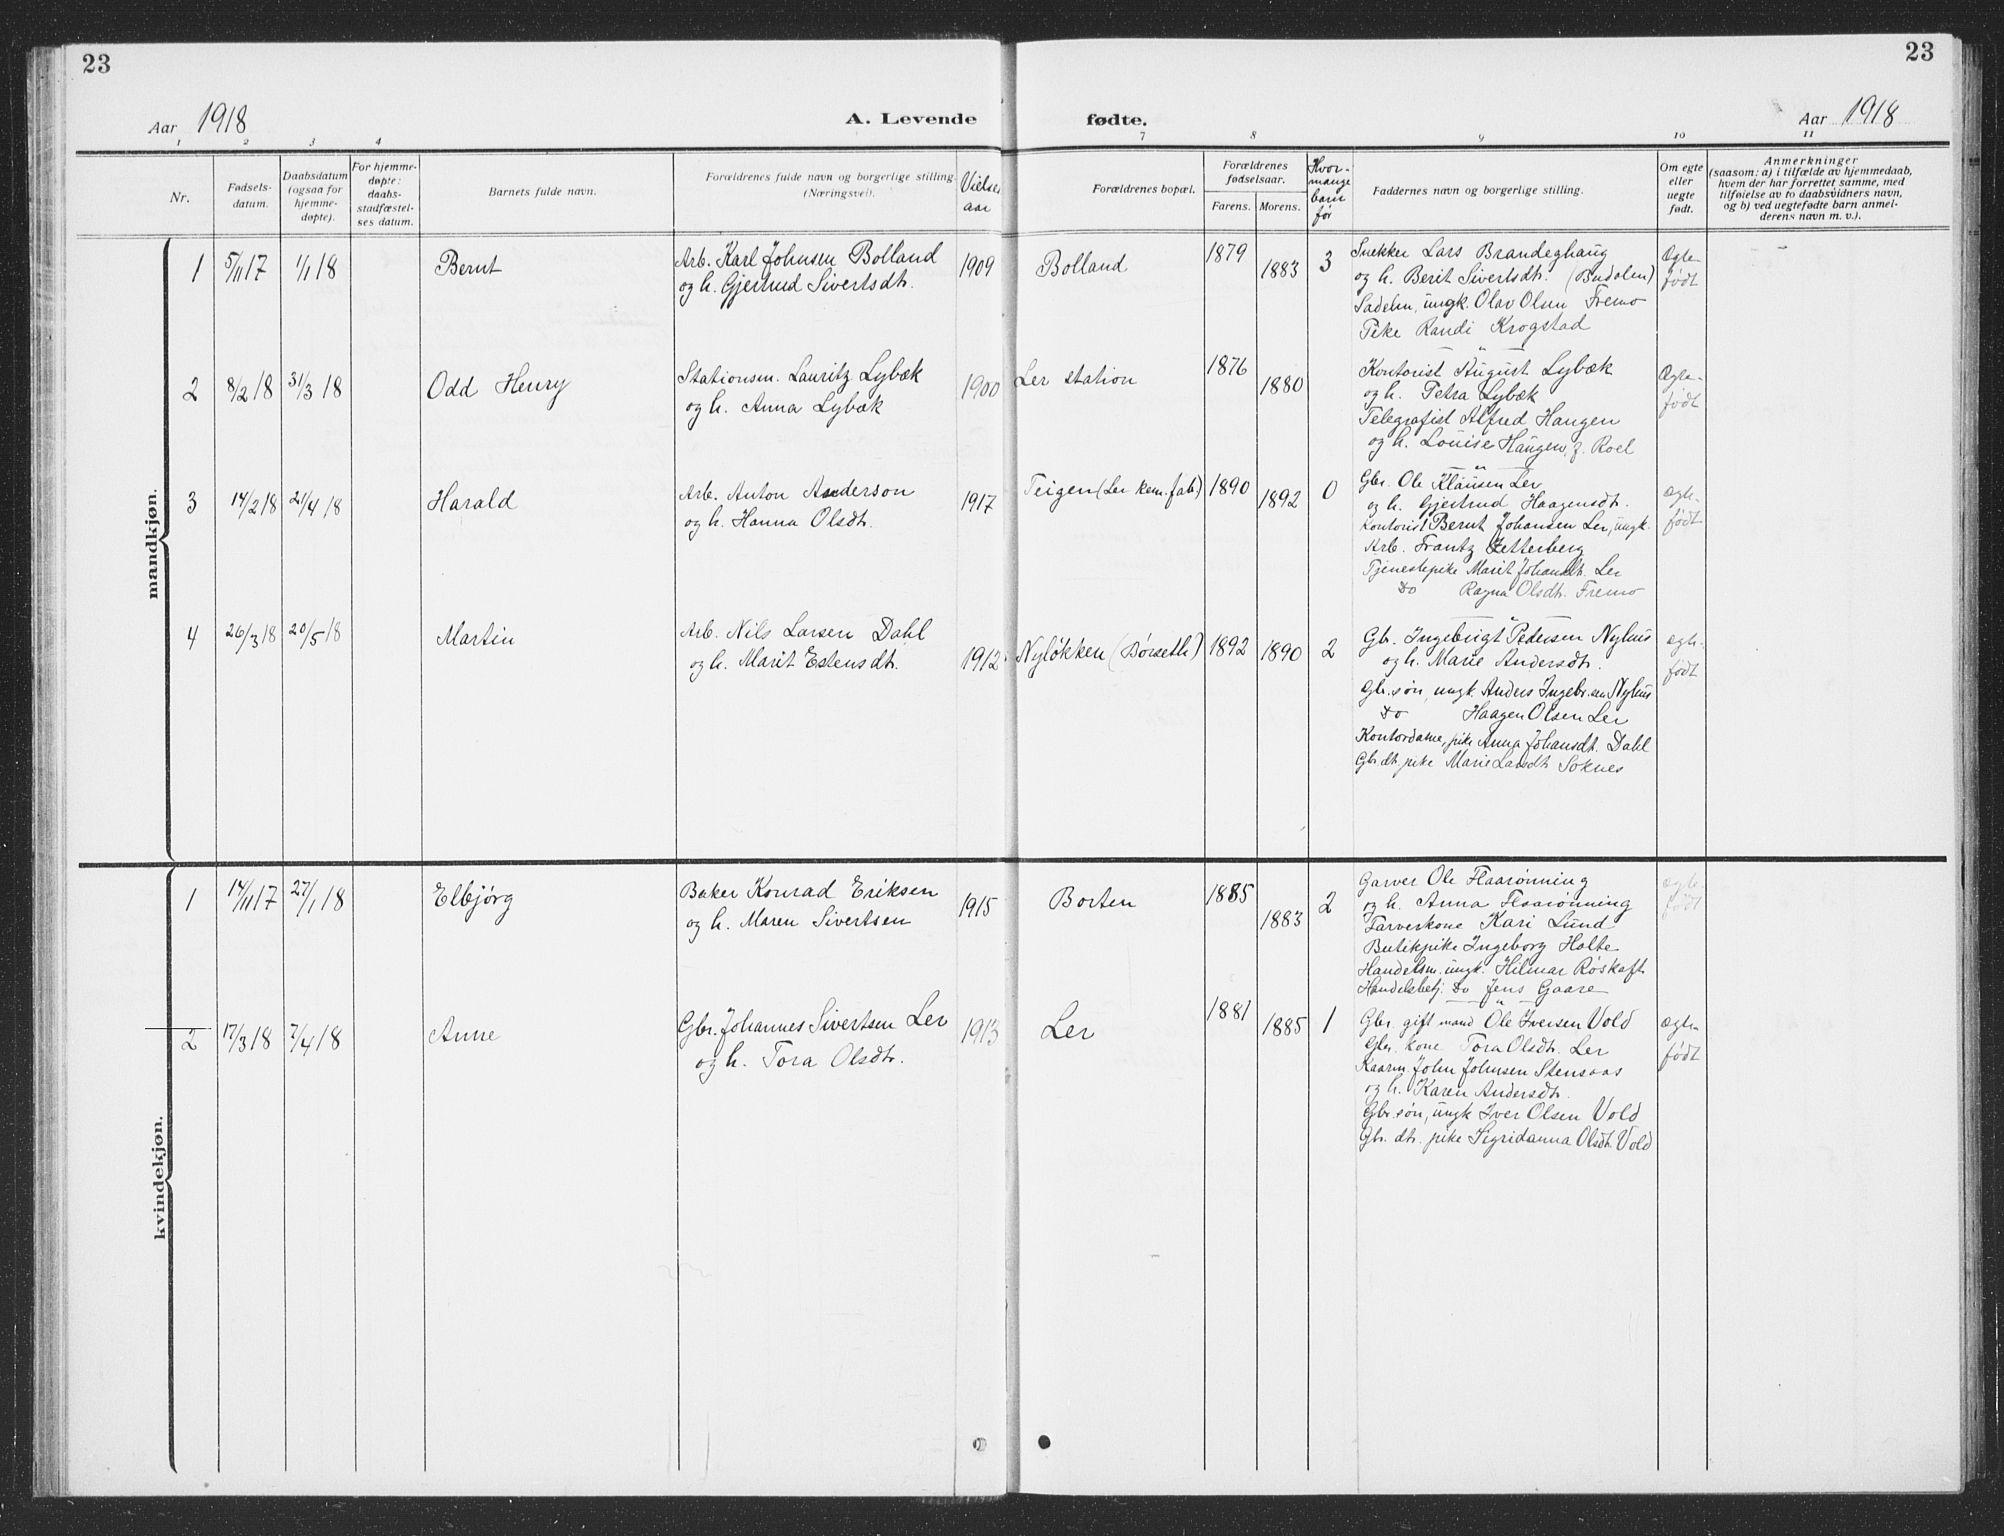 SAT, Ministerialprotokoller, klokkerbøker og fødselsregistre - Sør-Trøndelag, 693/L1124: Klokkerbok nr. 693C05, 1911-1941, s. 23